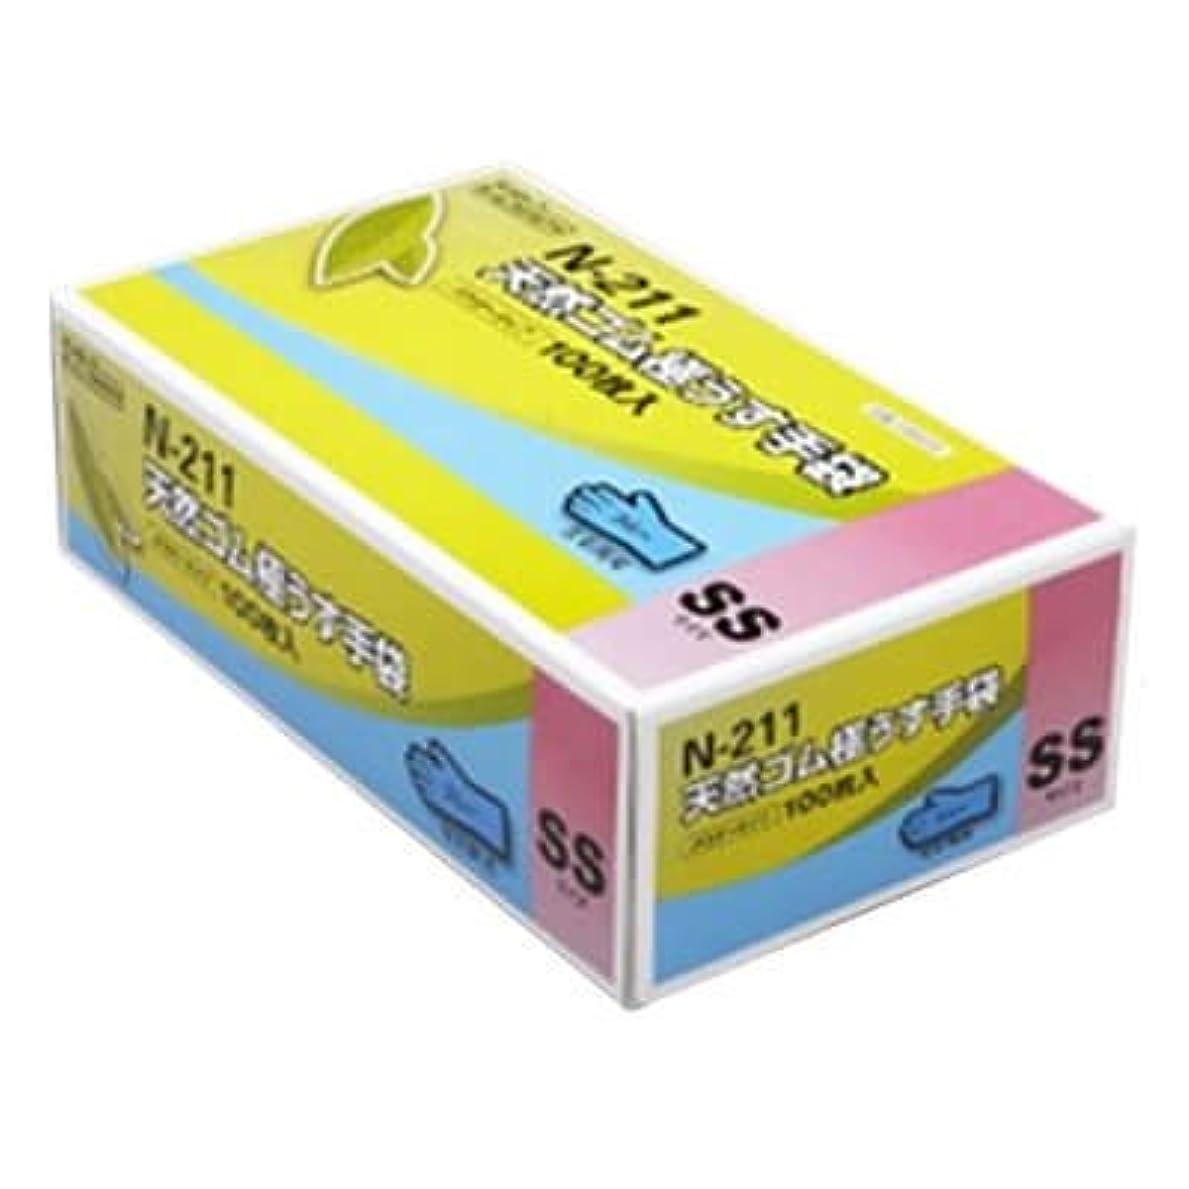 デコレーション繰り返したハチ【ケース販売】 ダンロップ 天然ゴム極うす手袋 N-211 SS ブルー (100枚入×20箱)